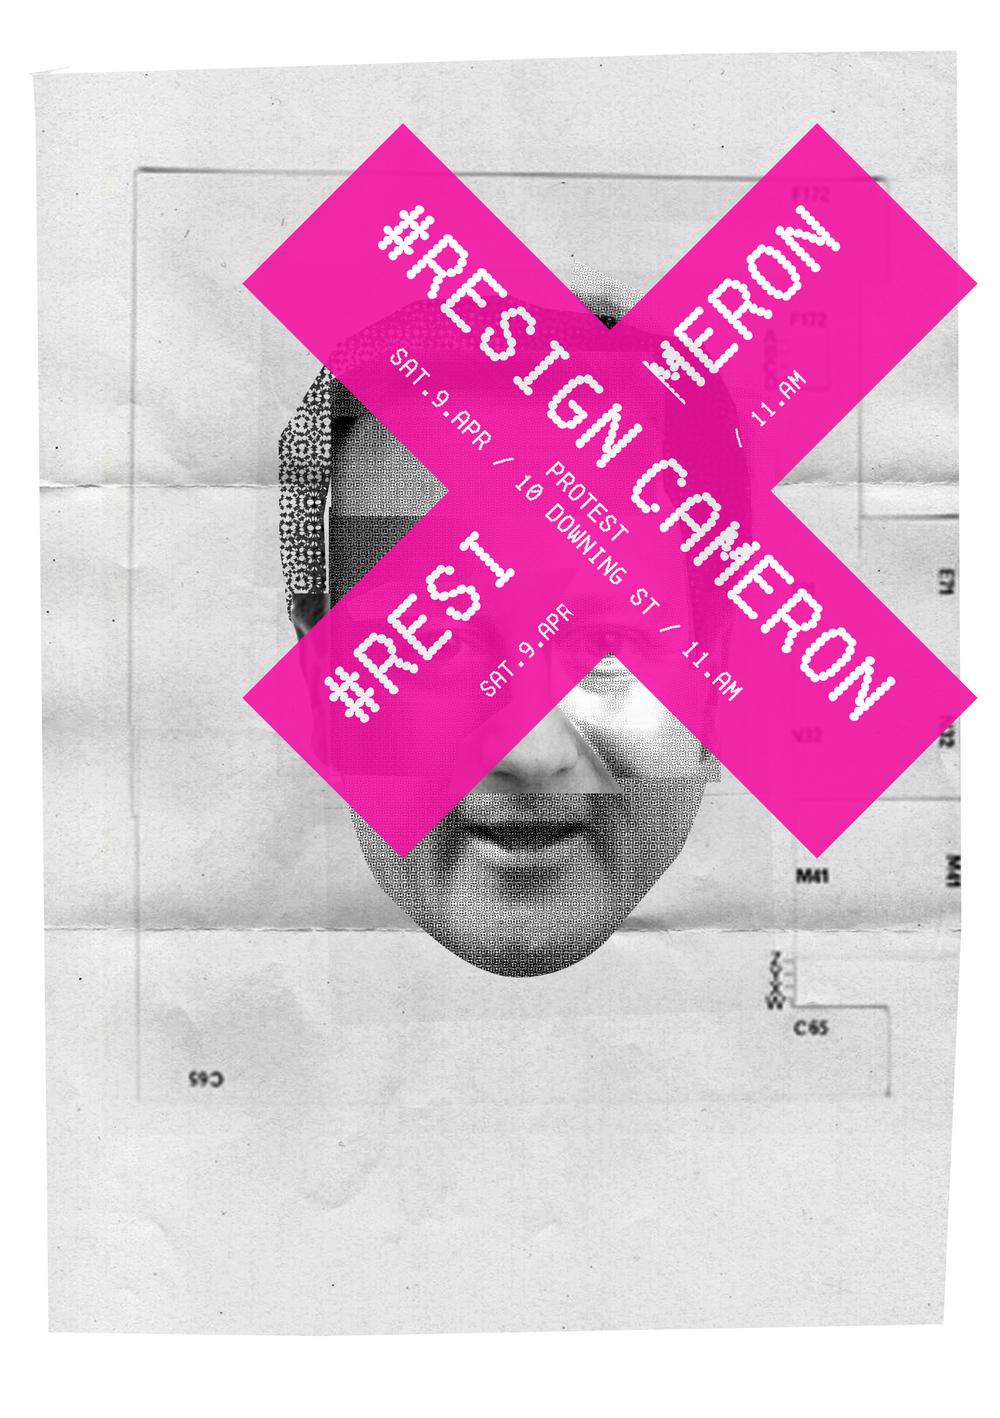 RESIGNCAMERON-pink2.jpg